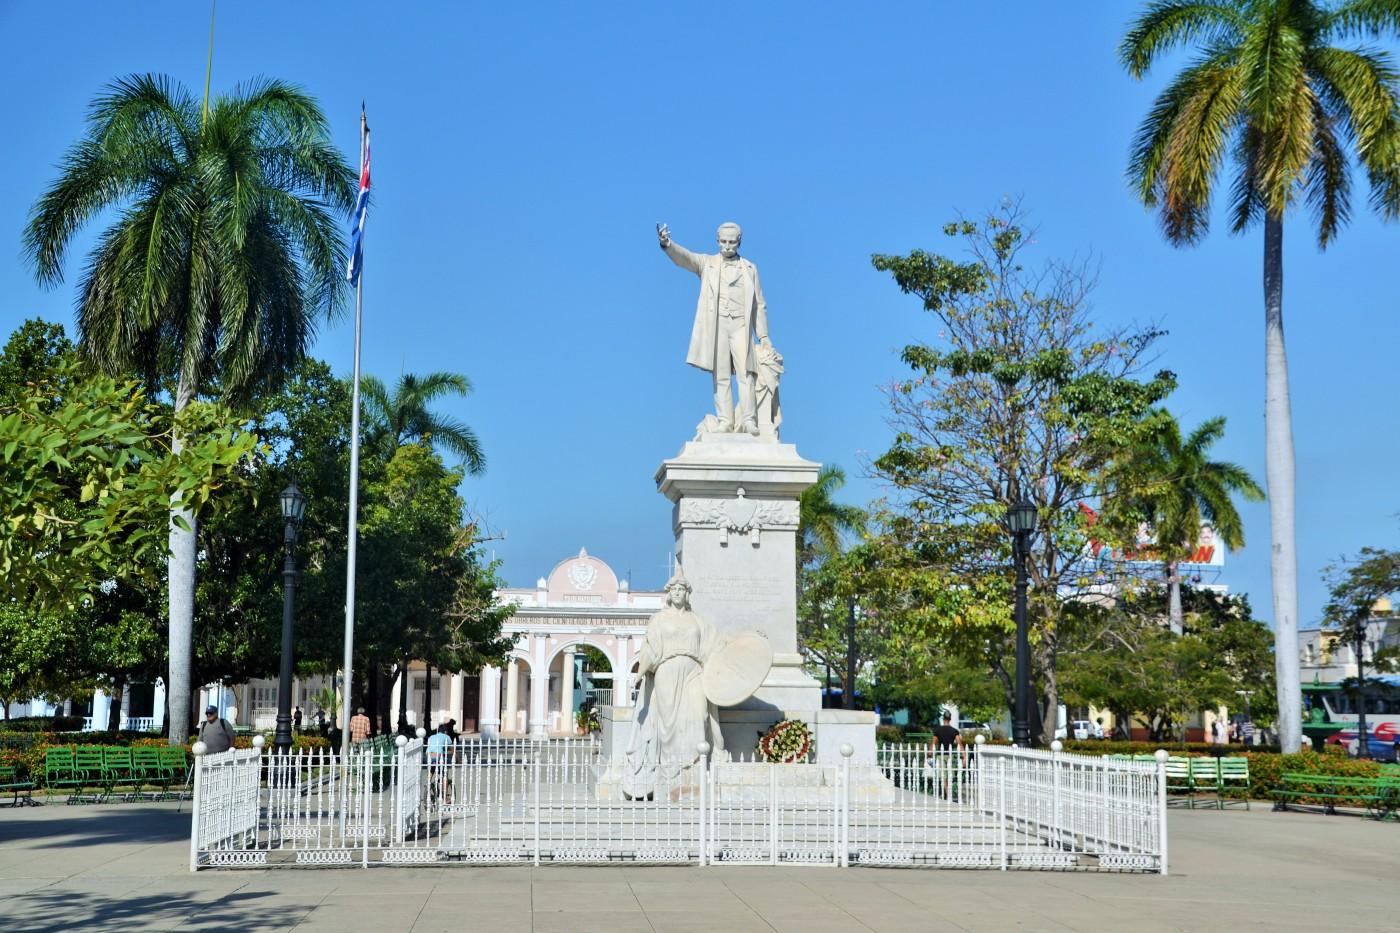 Der Parque Jose Marrti mit der Statue und dem Triumphbogen im Hintergrund